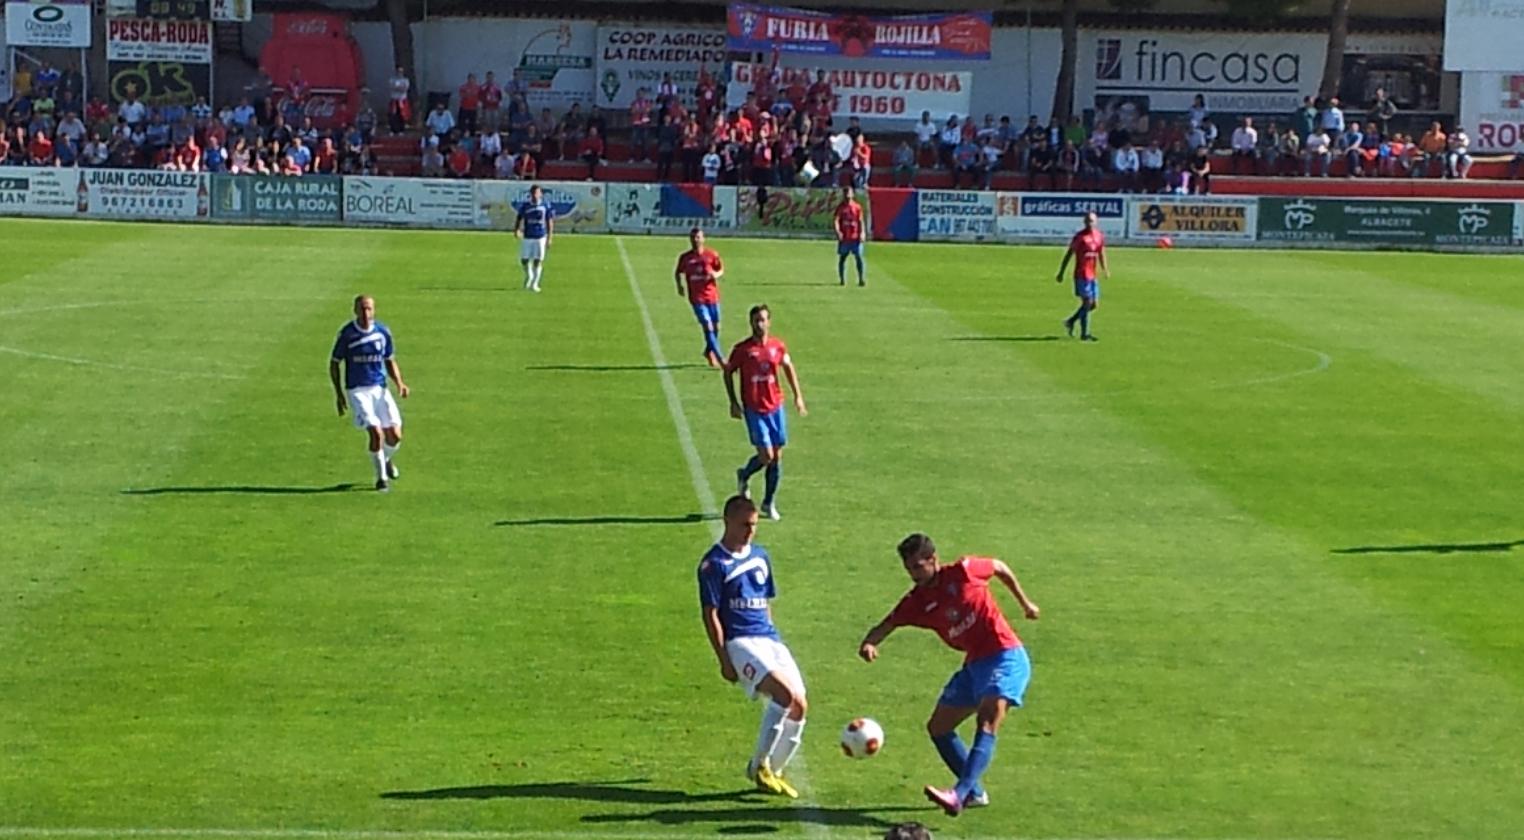 La Roda CF - UD Melilla